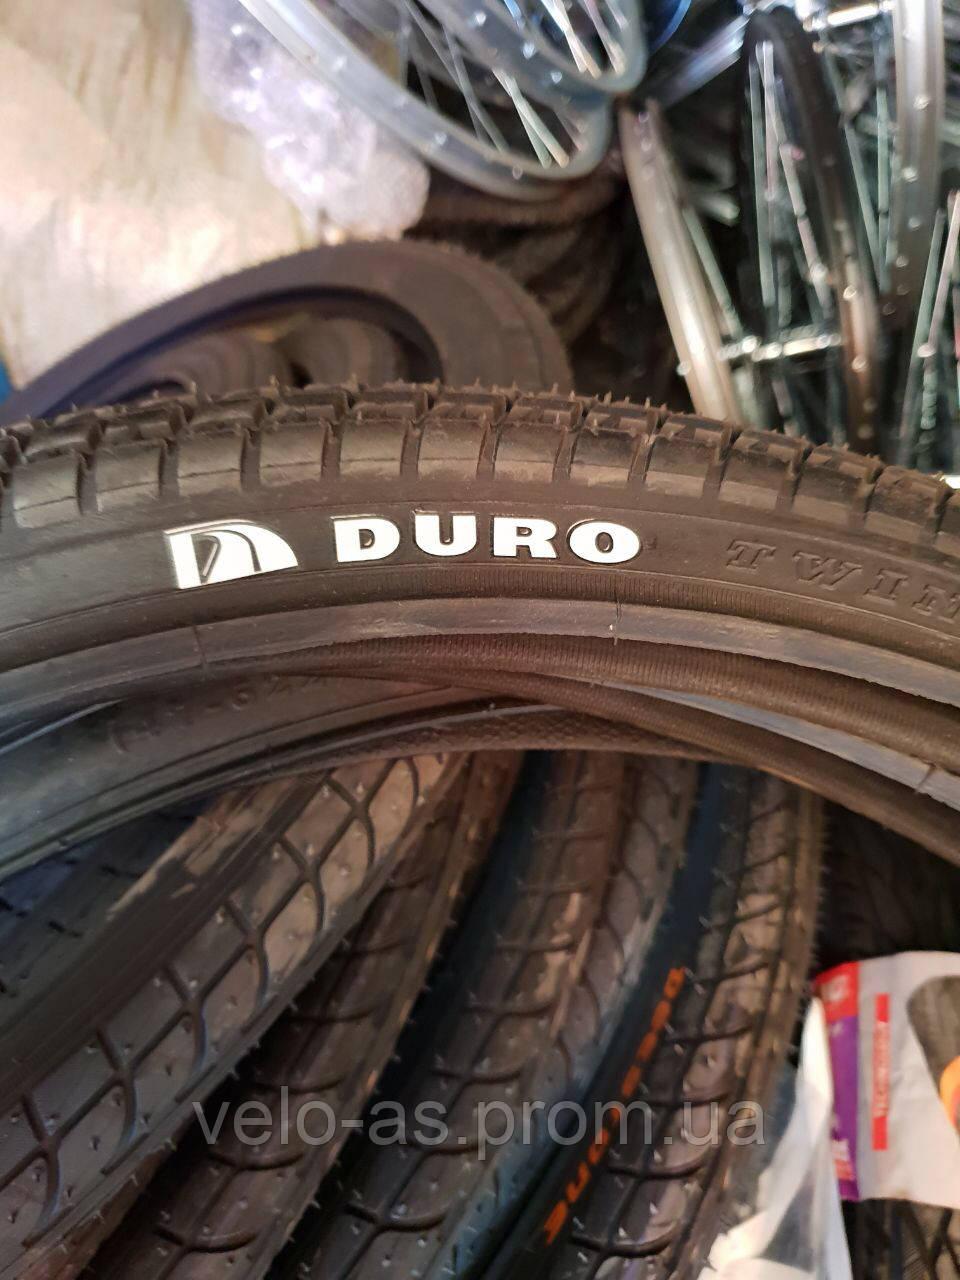 Велопокрышка Duro елка оригинал 26 надежная